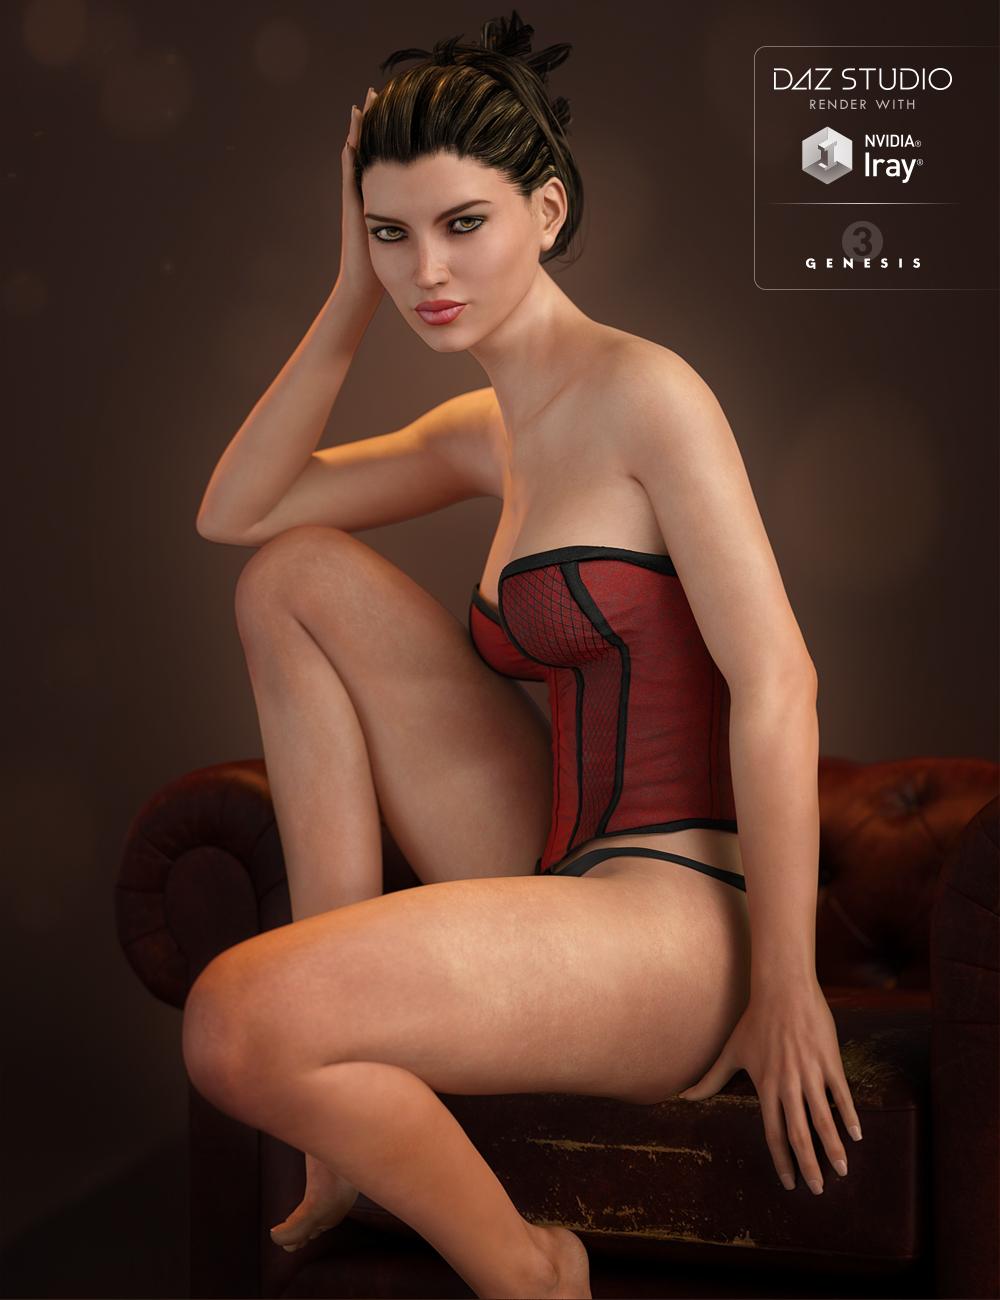 FWSA Adaline HD for Victoria 7 by: Fred Winkler ArtSabby, 3D Models by Daz 3D